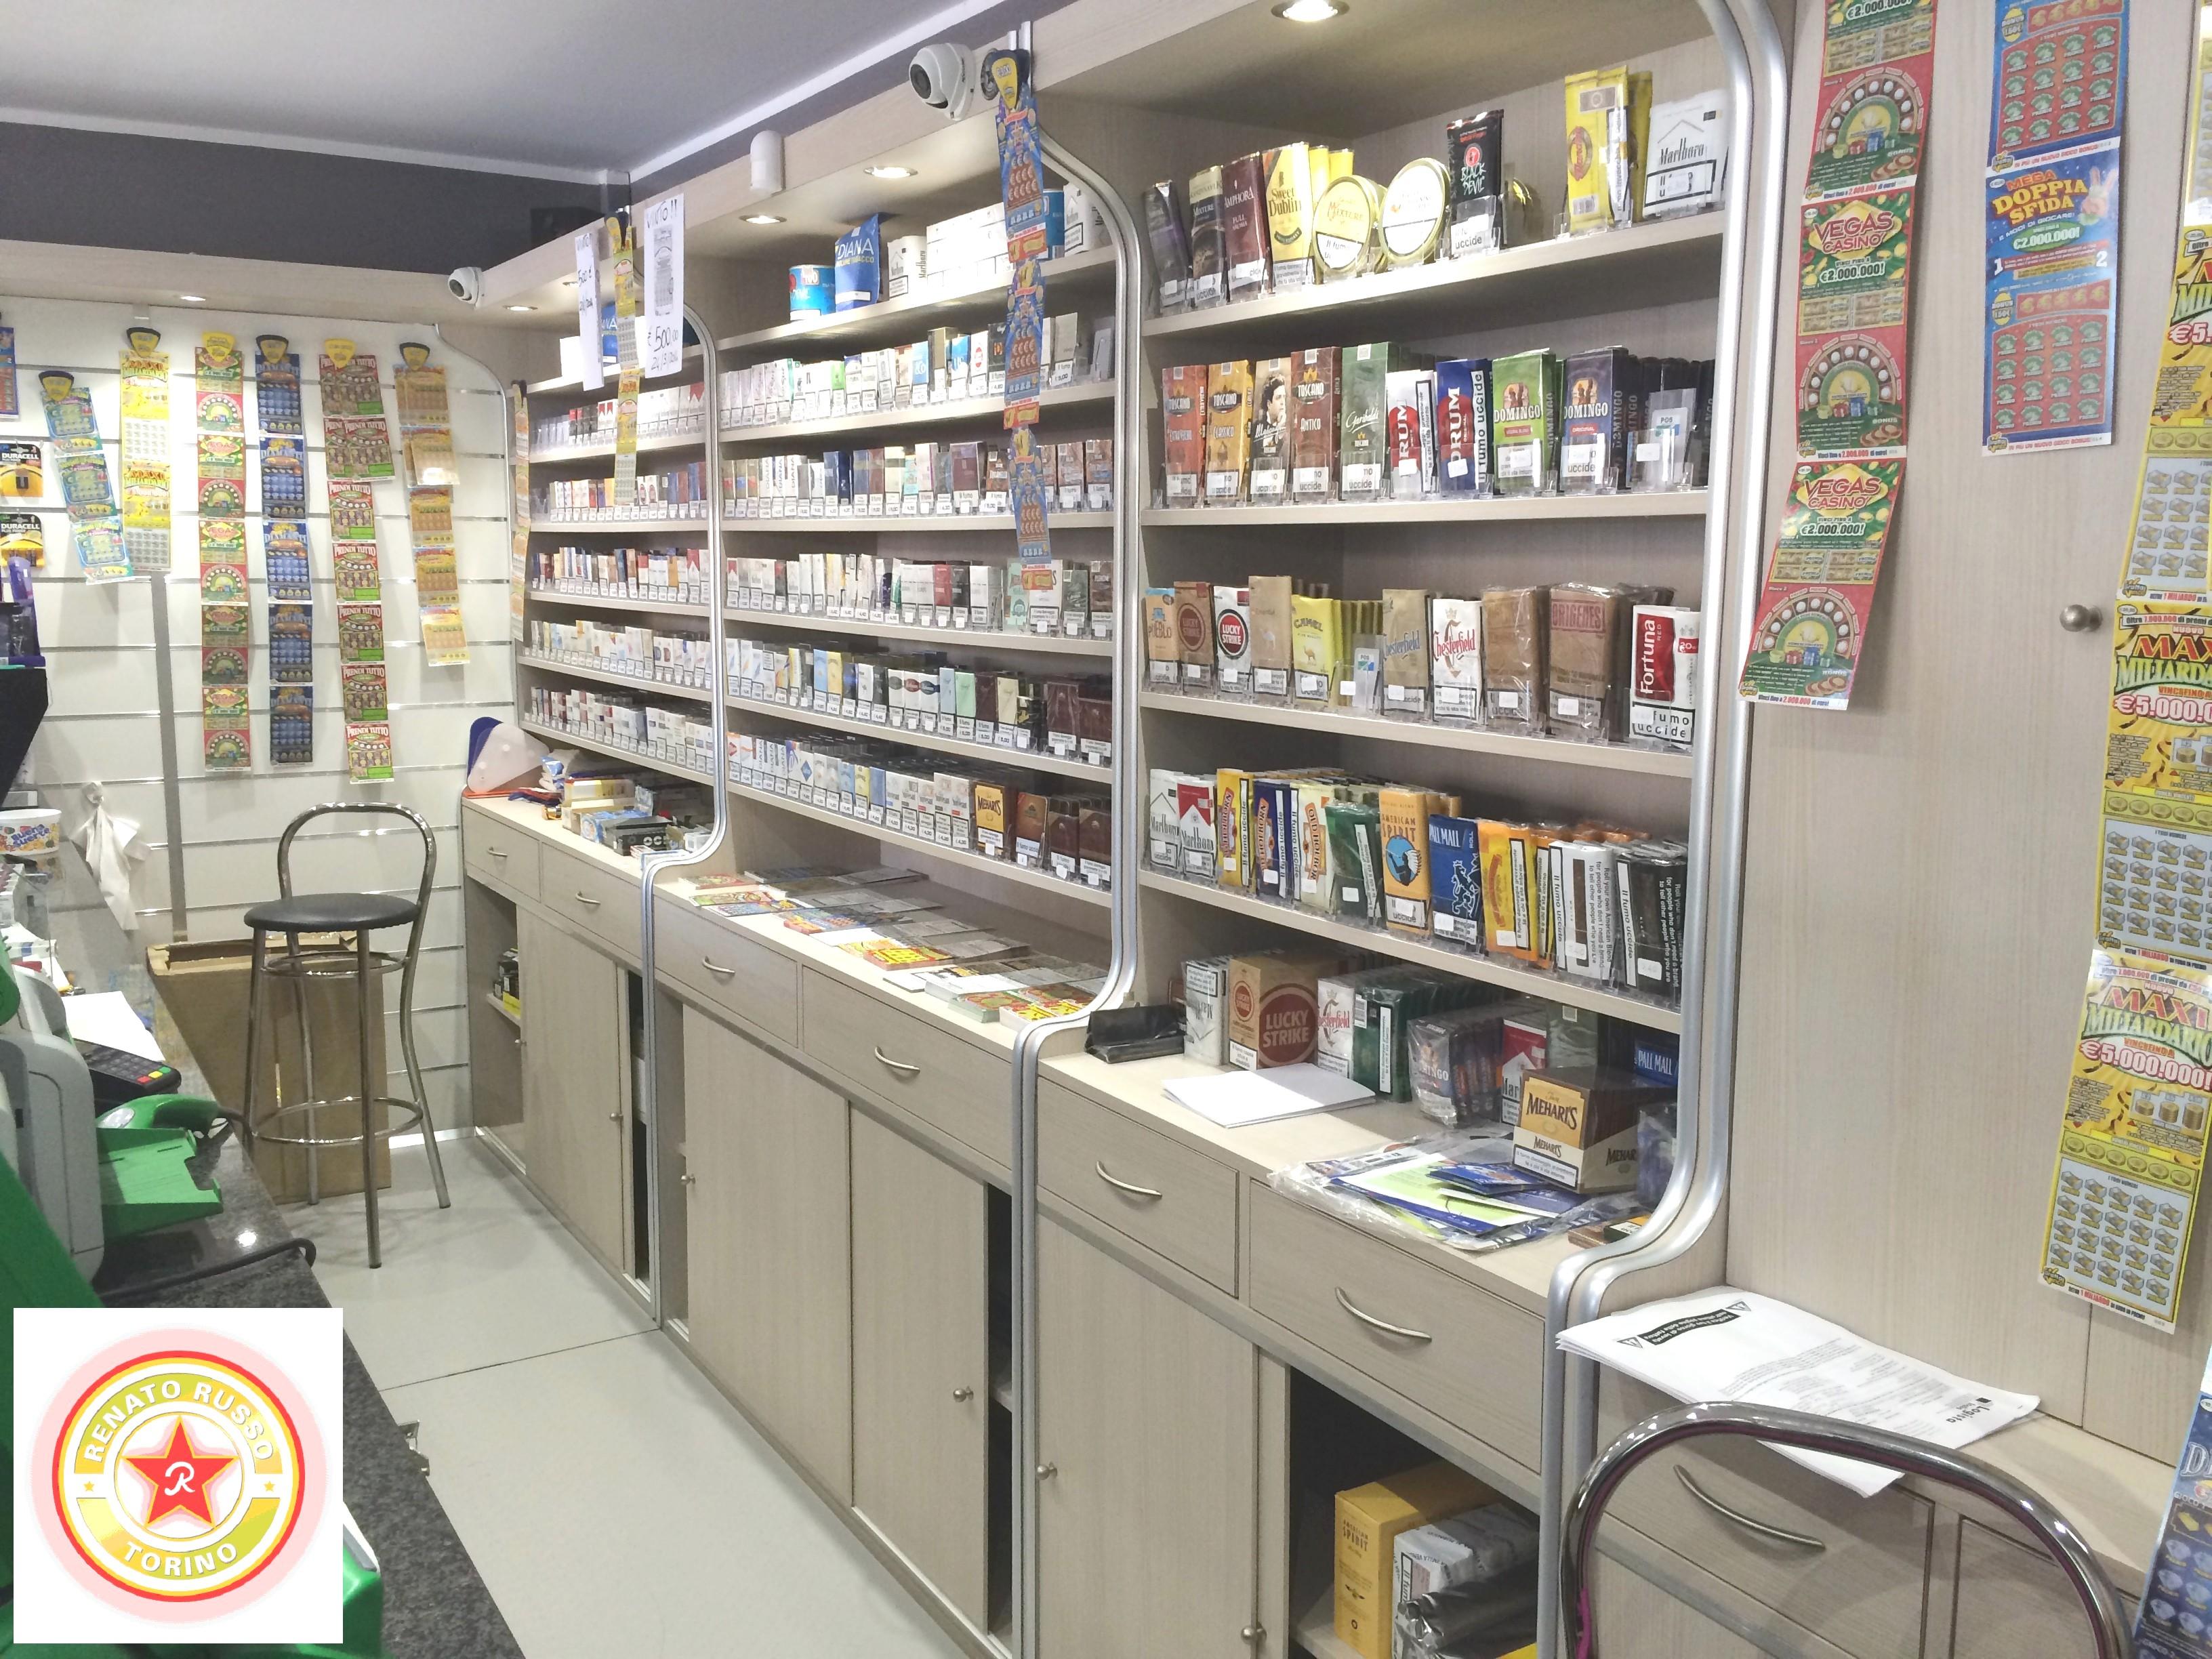 Arredamenti per tabaccherie compra in fabbrica a met for Arredamento tabaccheria usato